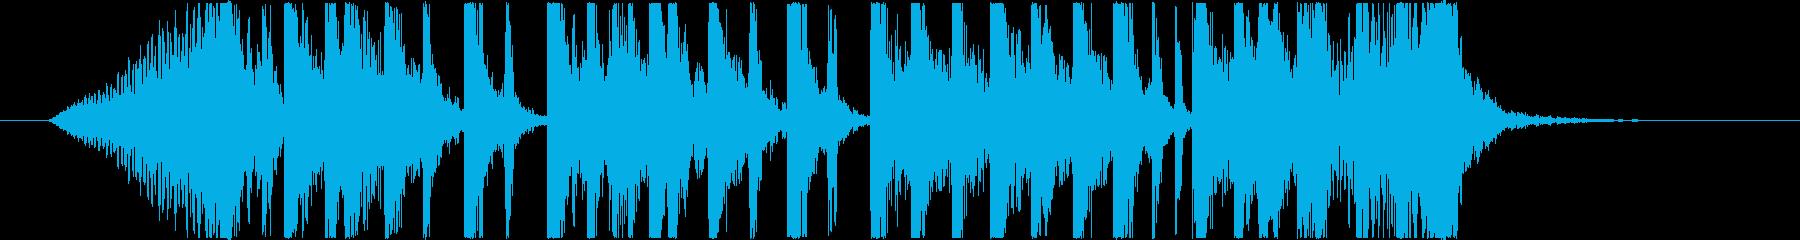 オープニングに最適な躍動感あるジングル1の再生済みの波形